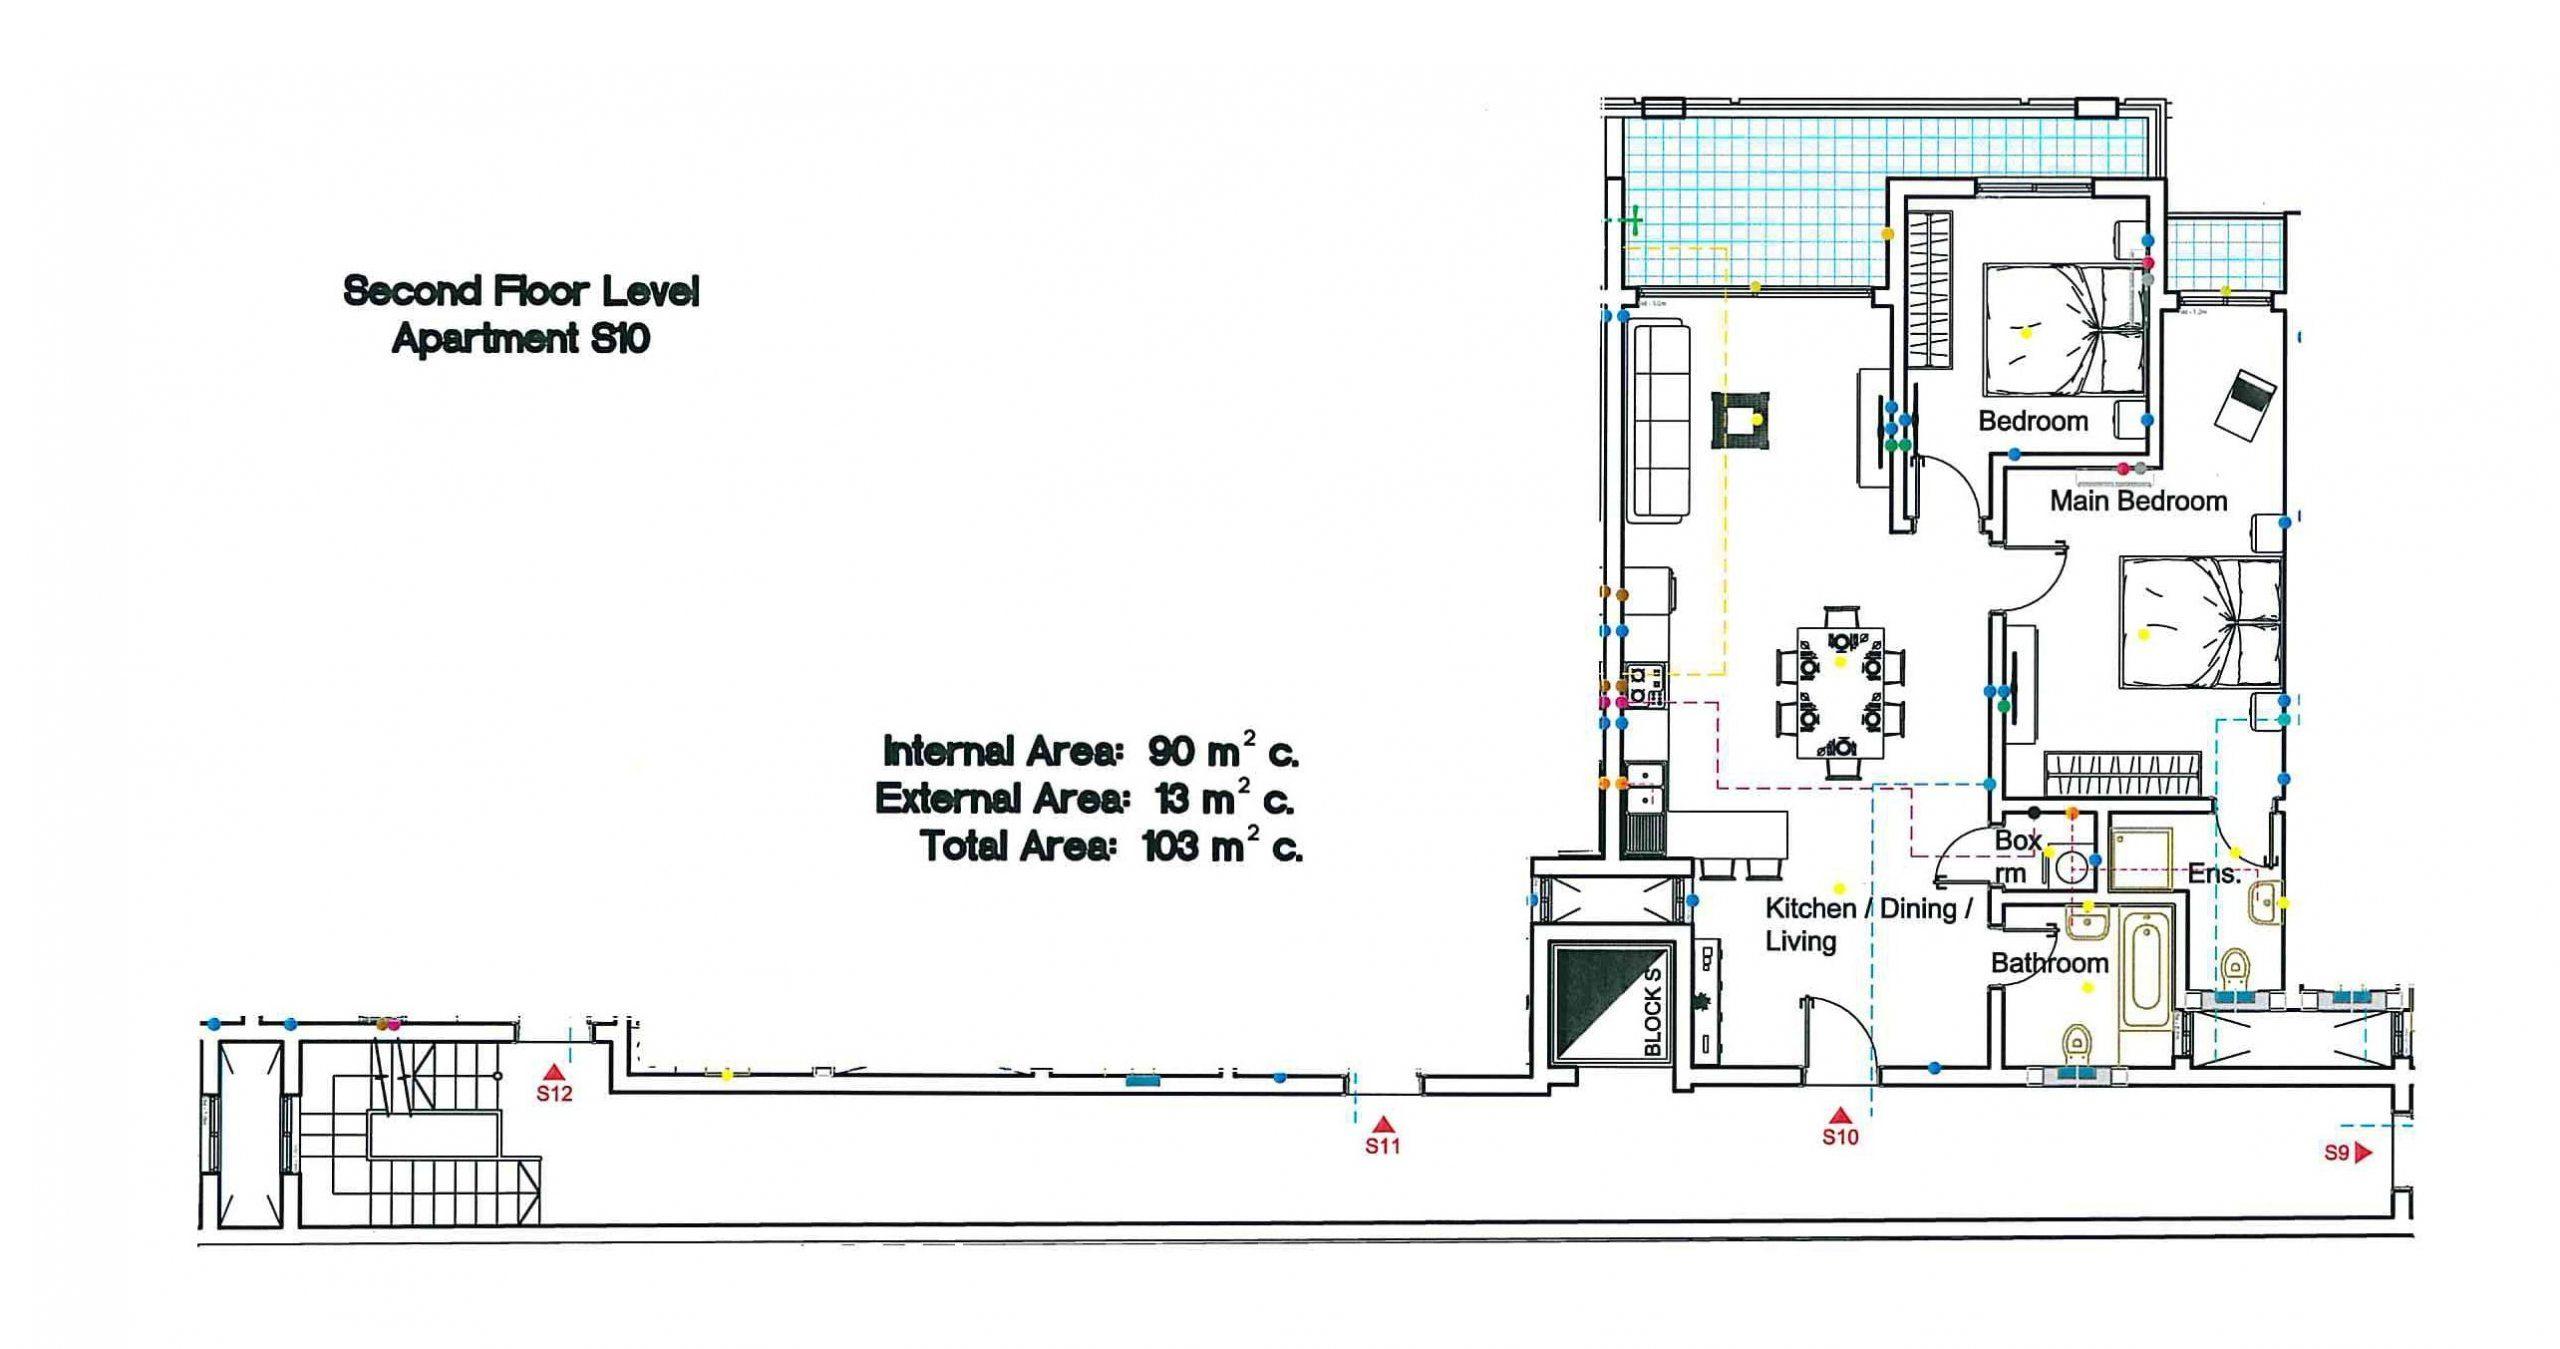 S10 Second Floor